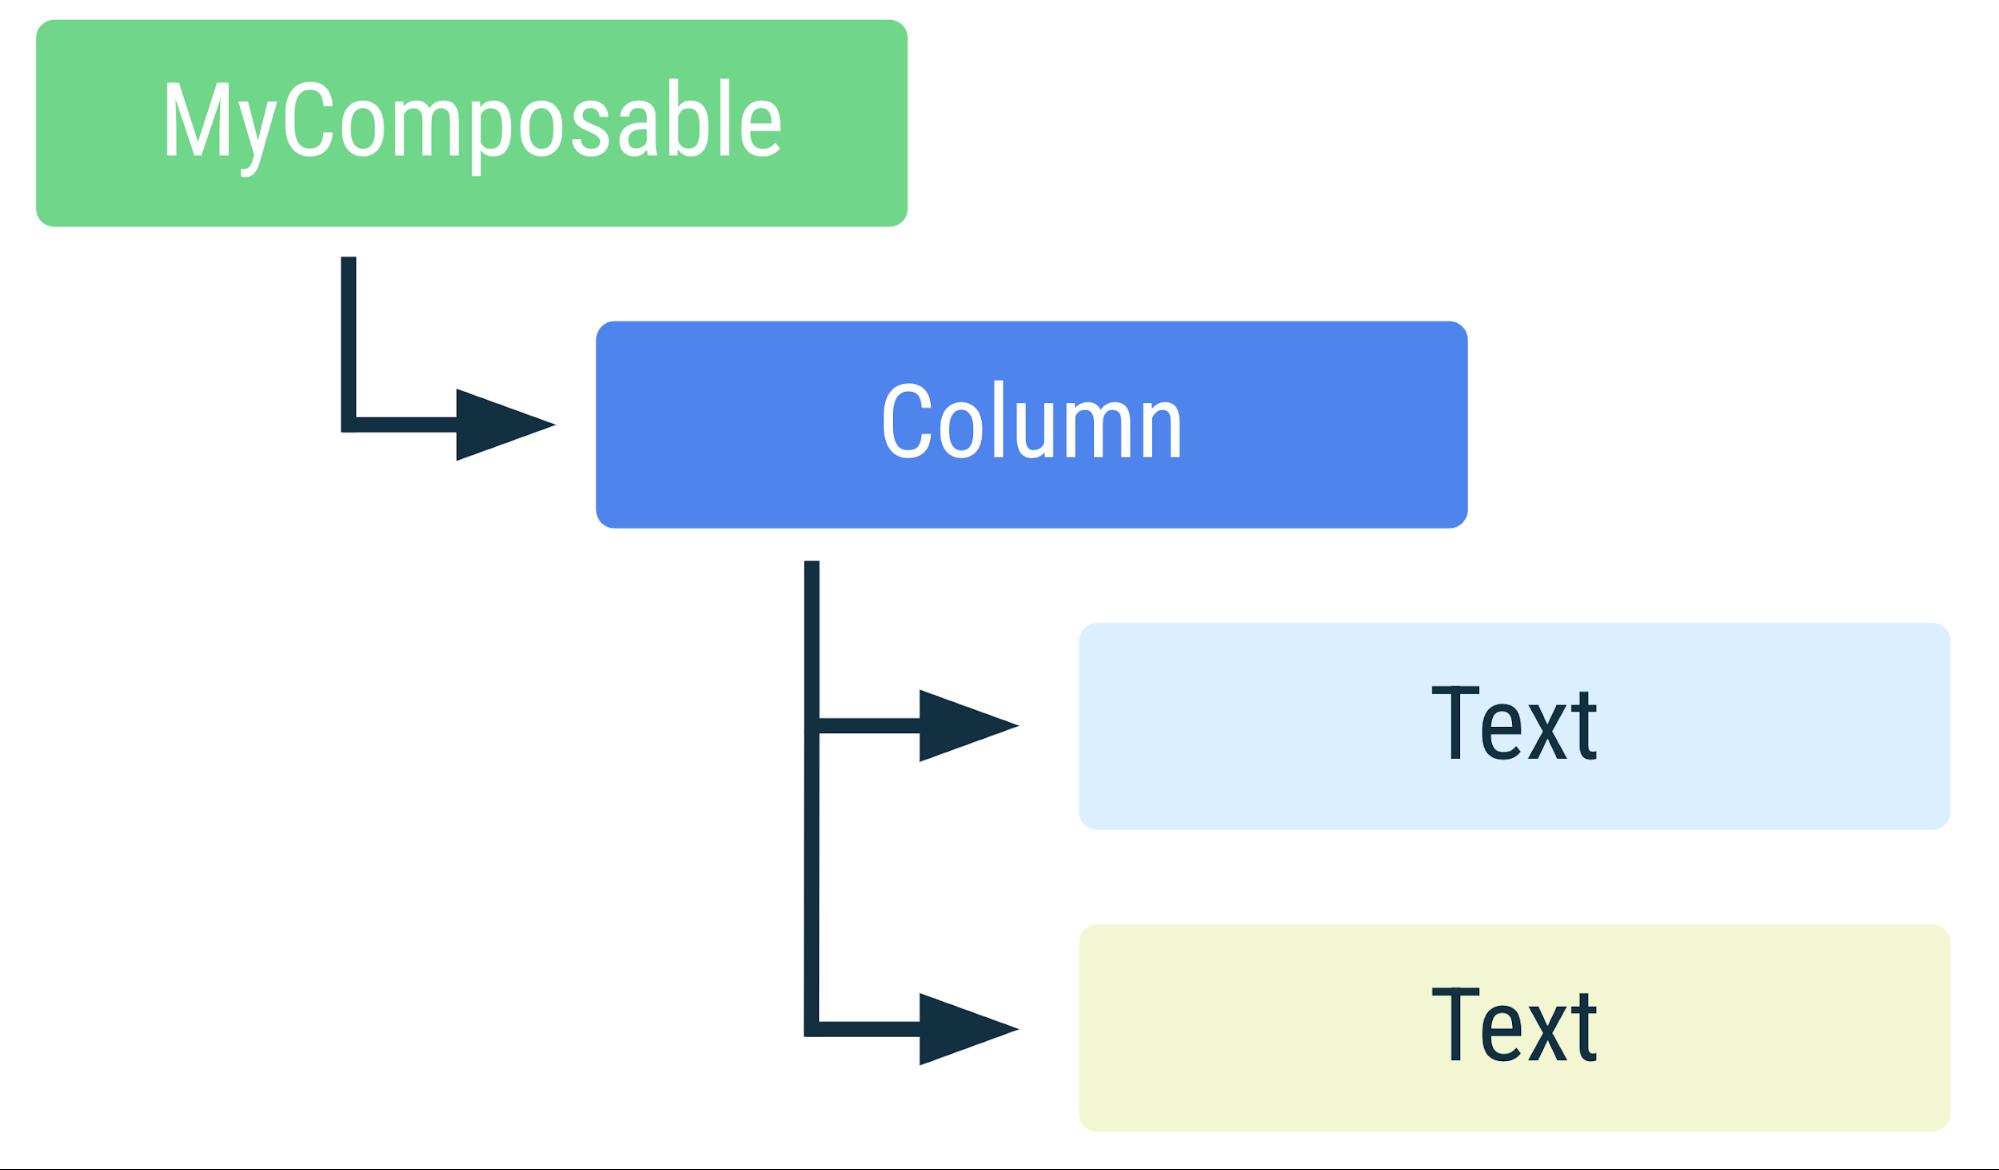 Diagram yang menunjukkan susunan hierarki elemen dalam cuplikan kode sebelumnya